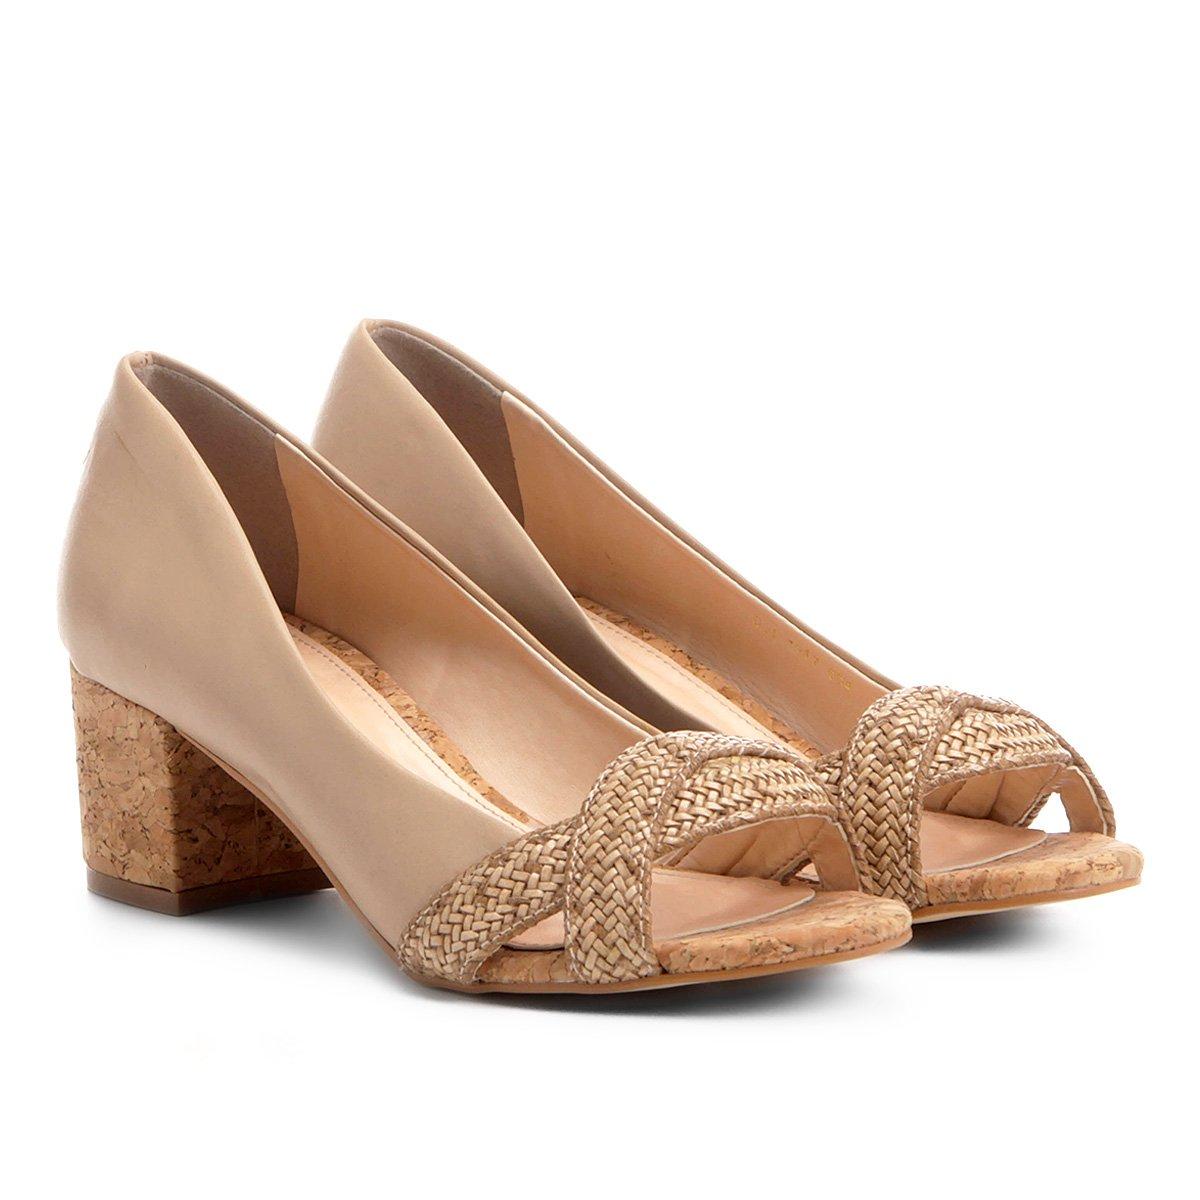 a85b55abf4 Peep Toe Shoestock Salto Grosso Trança